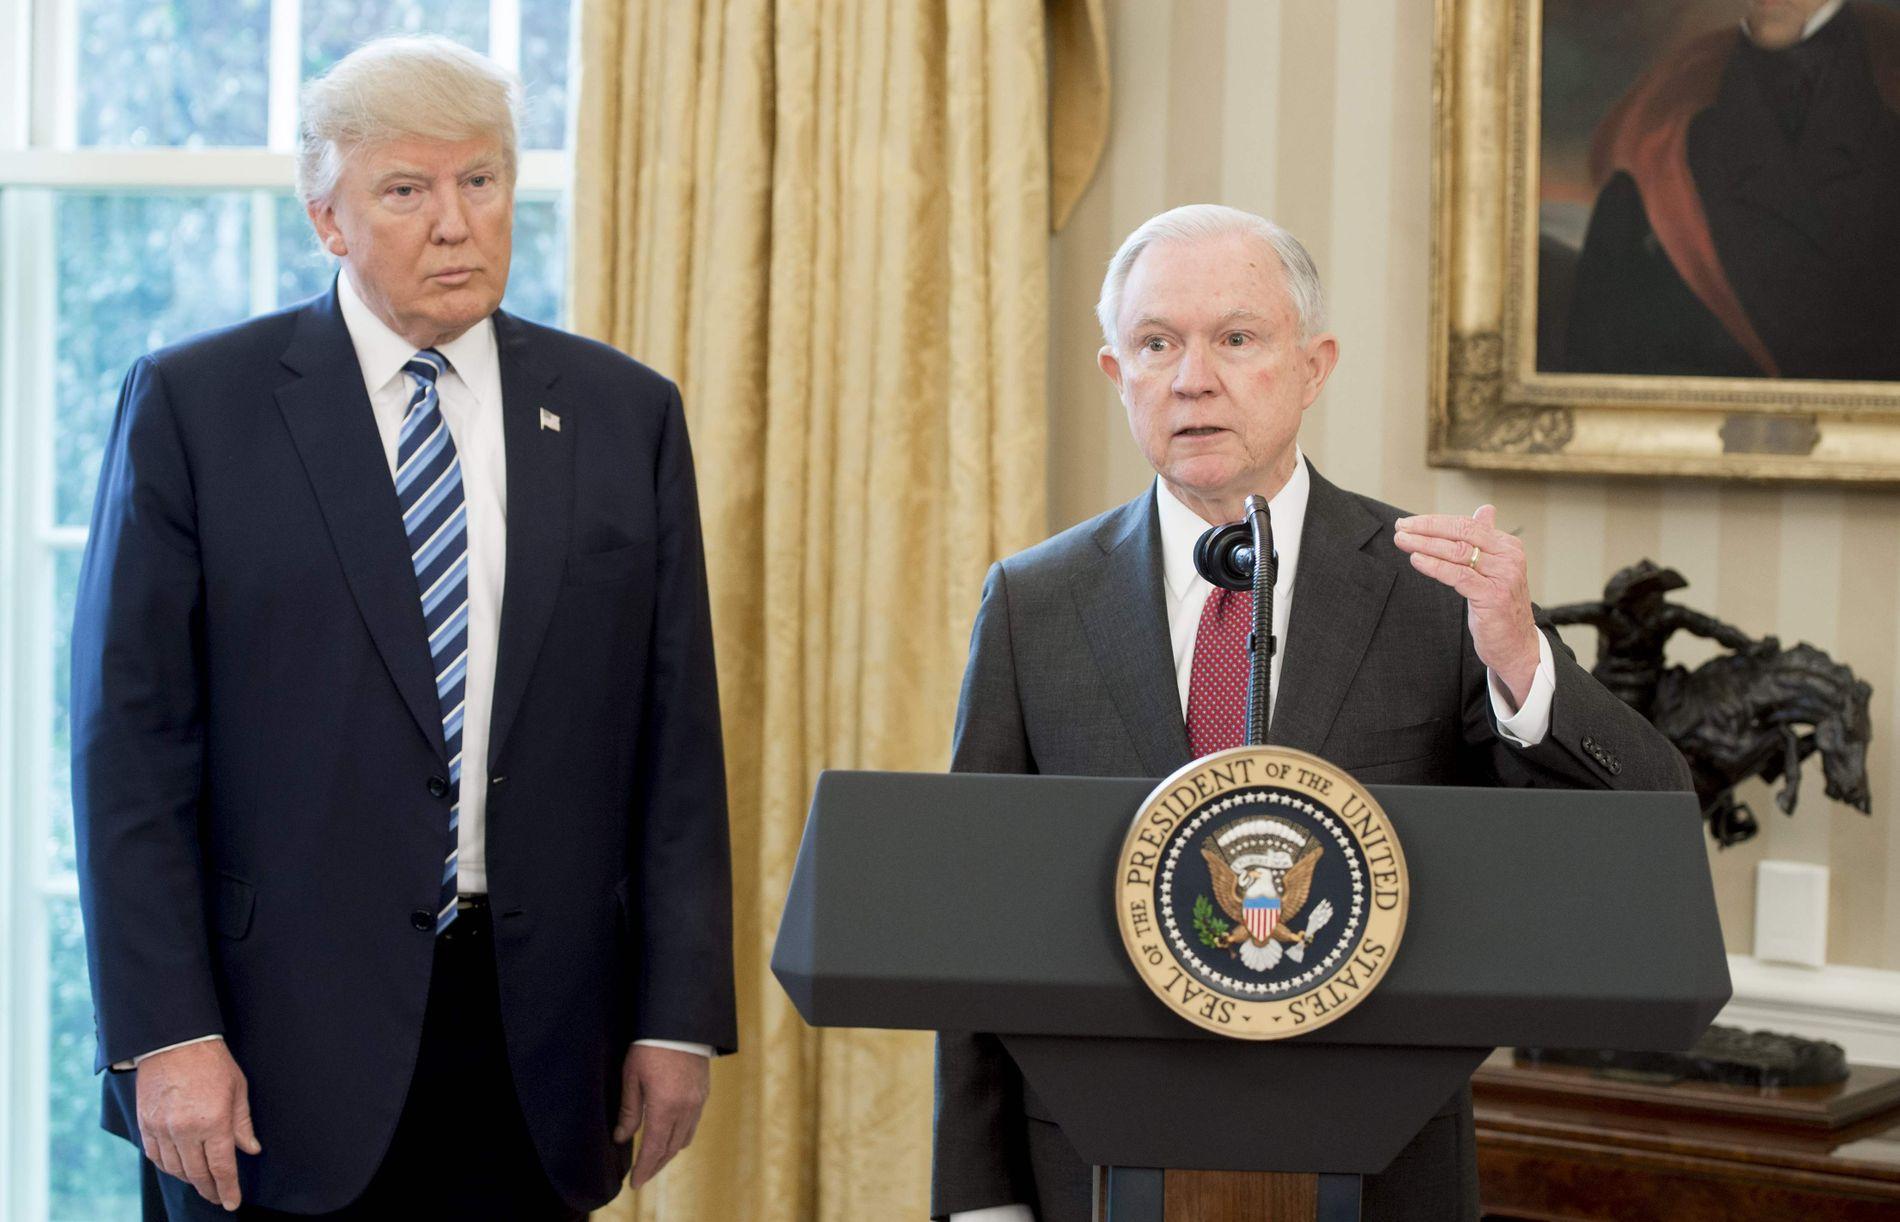 TIDLIGERE NÆRE STØTTESPILLERE: Donald Trump og Jeff Sessions i februar 2017. Foto: SAUL LOEB / AFP